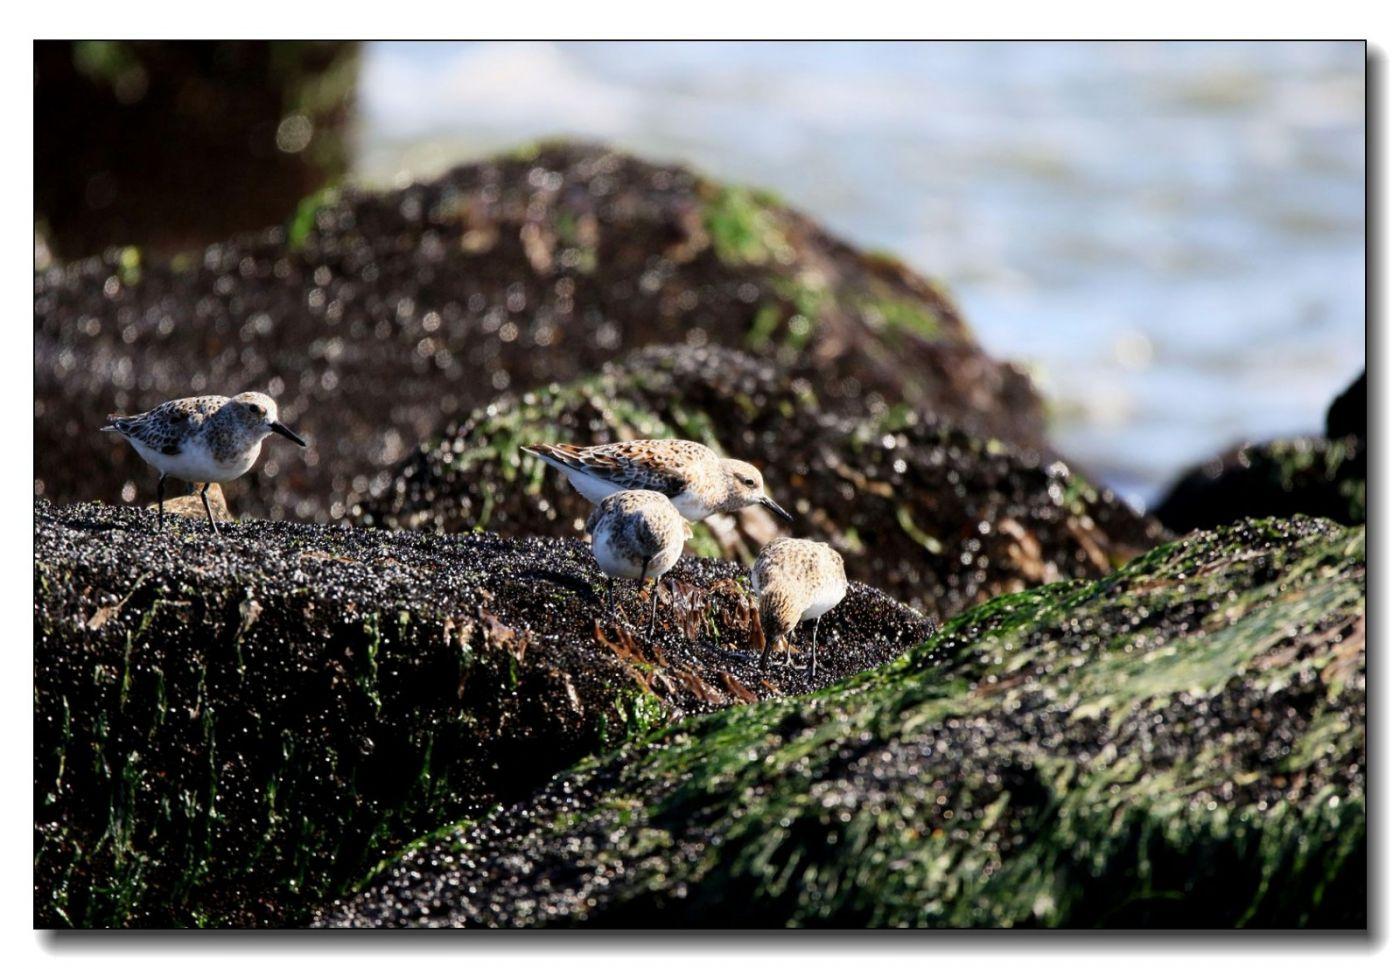 洛克威海滩拍鸟—滨鹬_图1-18